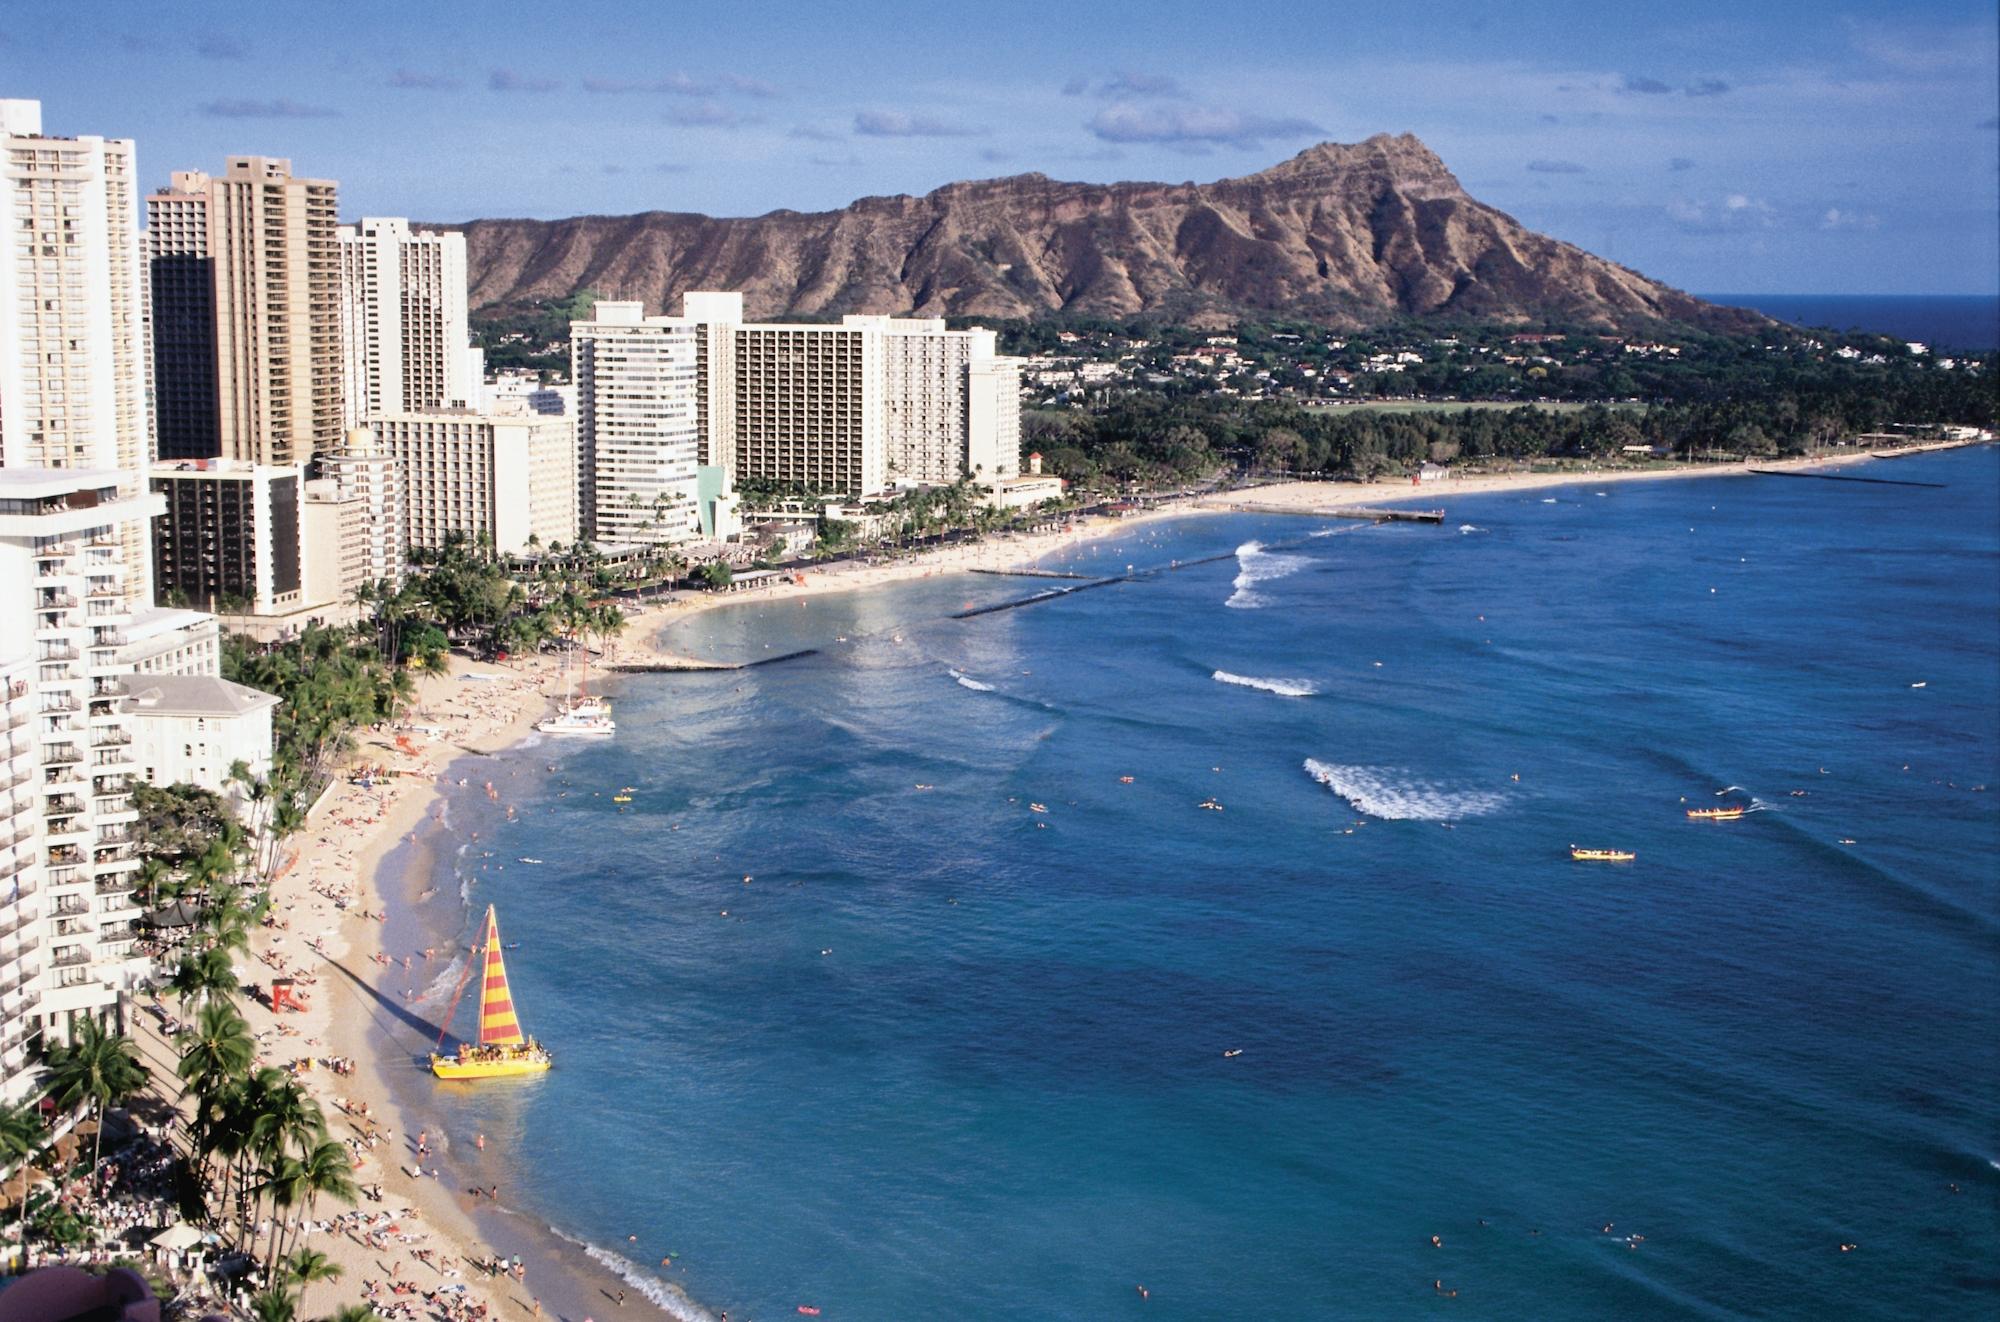 Hawaii, Waikiki Beach, Oahu